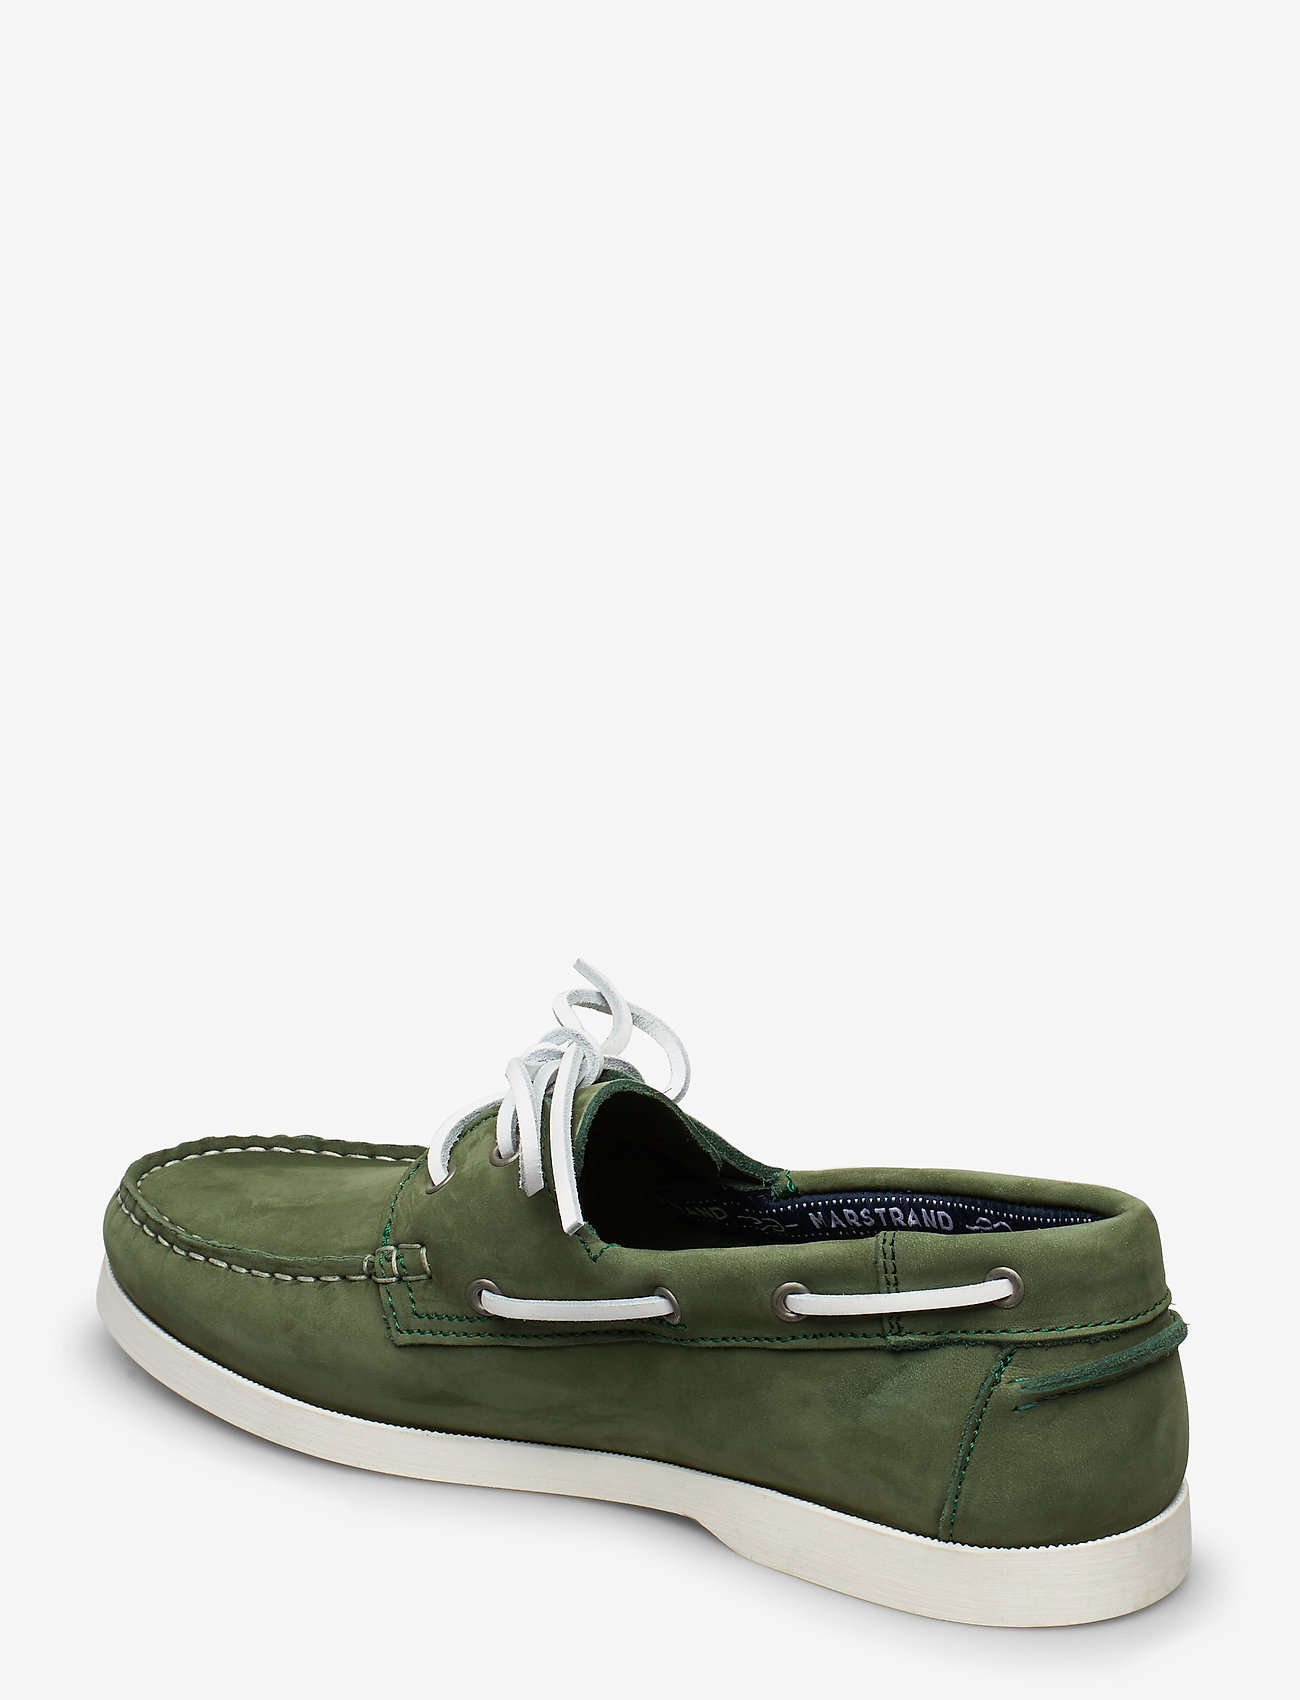 2-eye Nbk (Green) (63 €) - Marstrand Q9Qc2Hi3